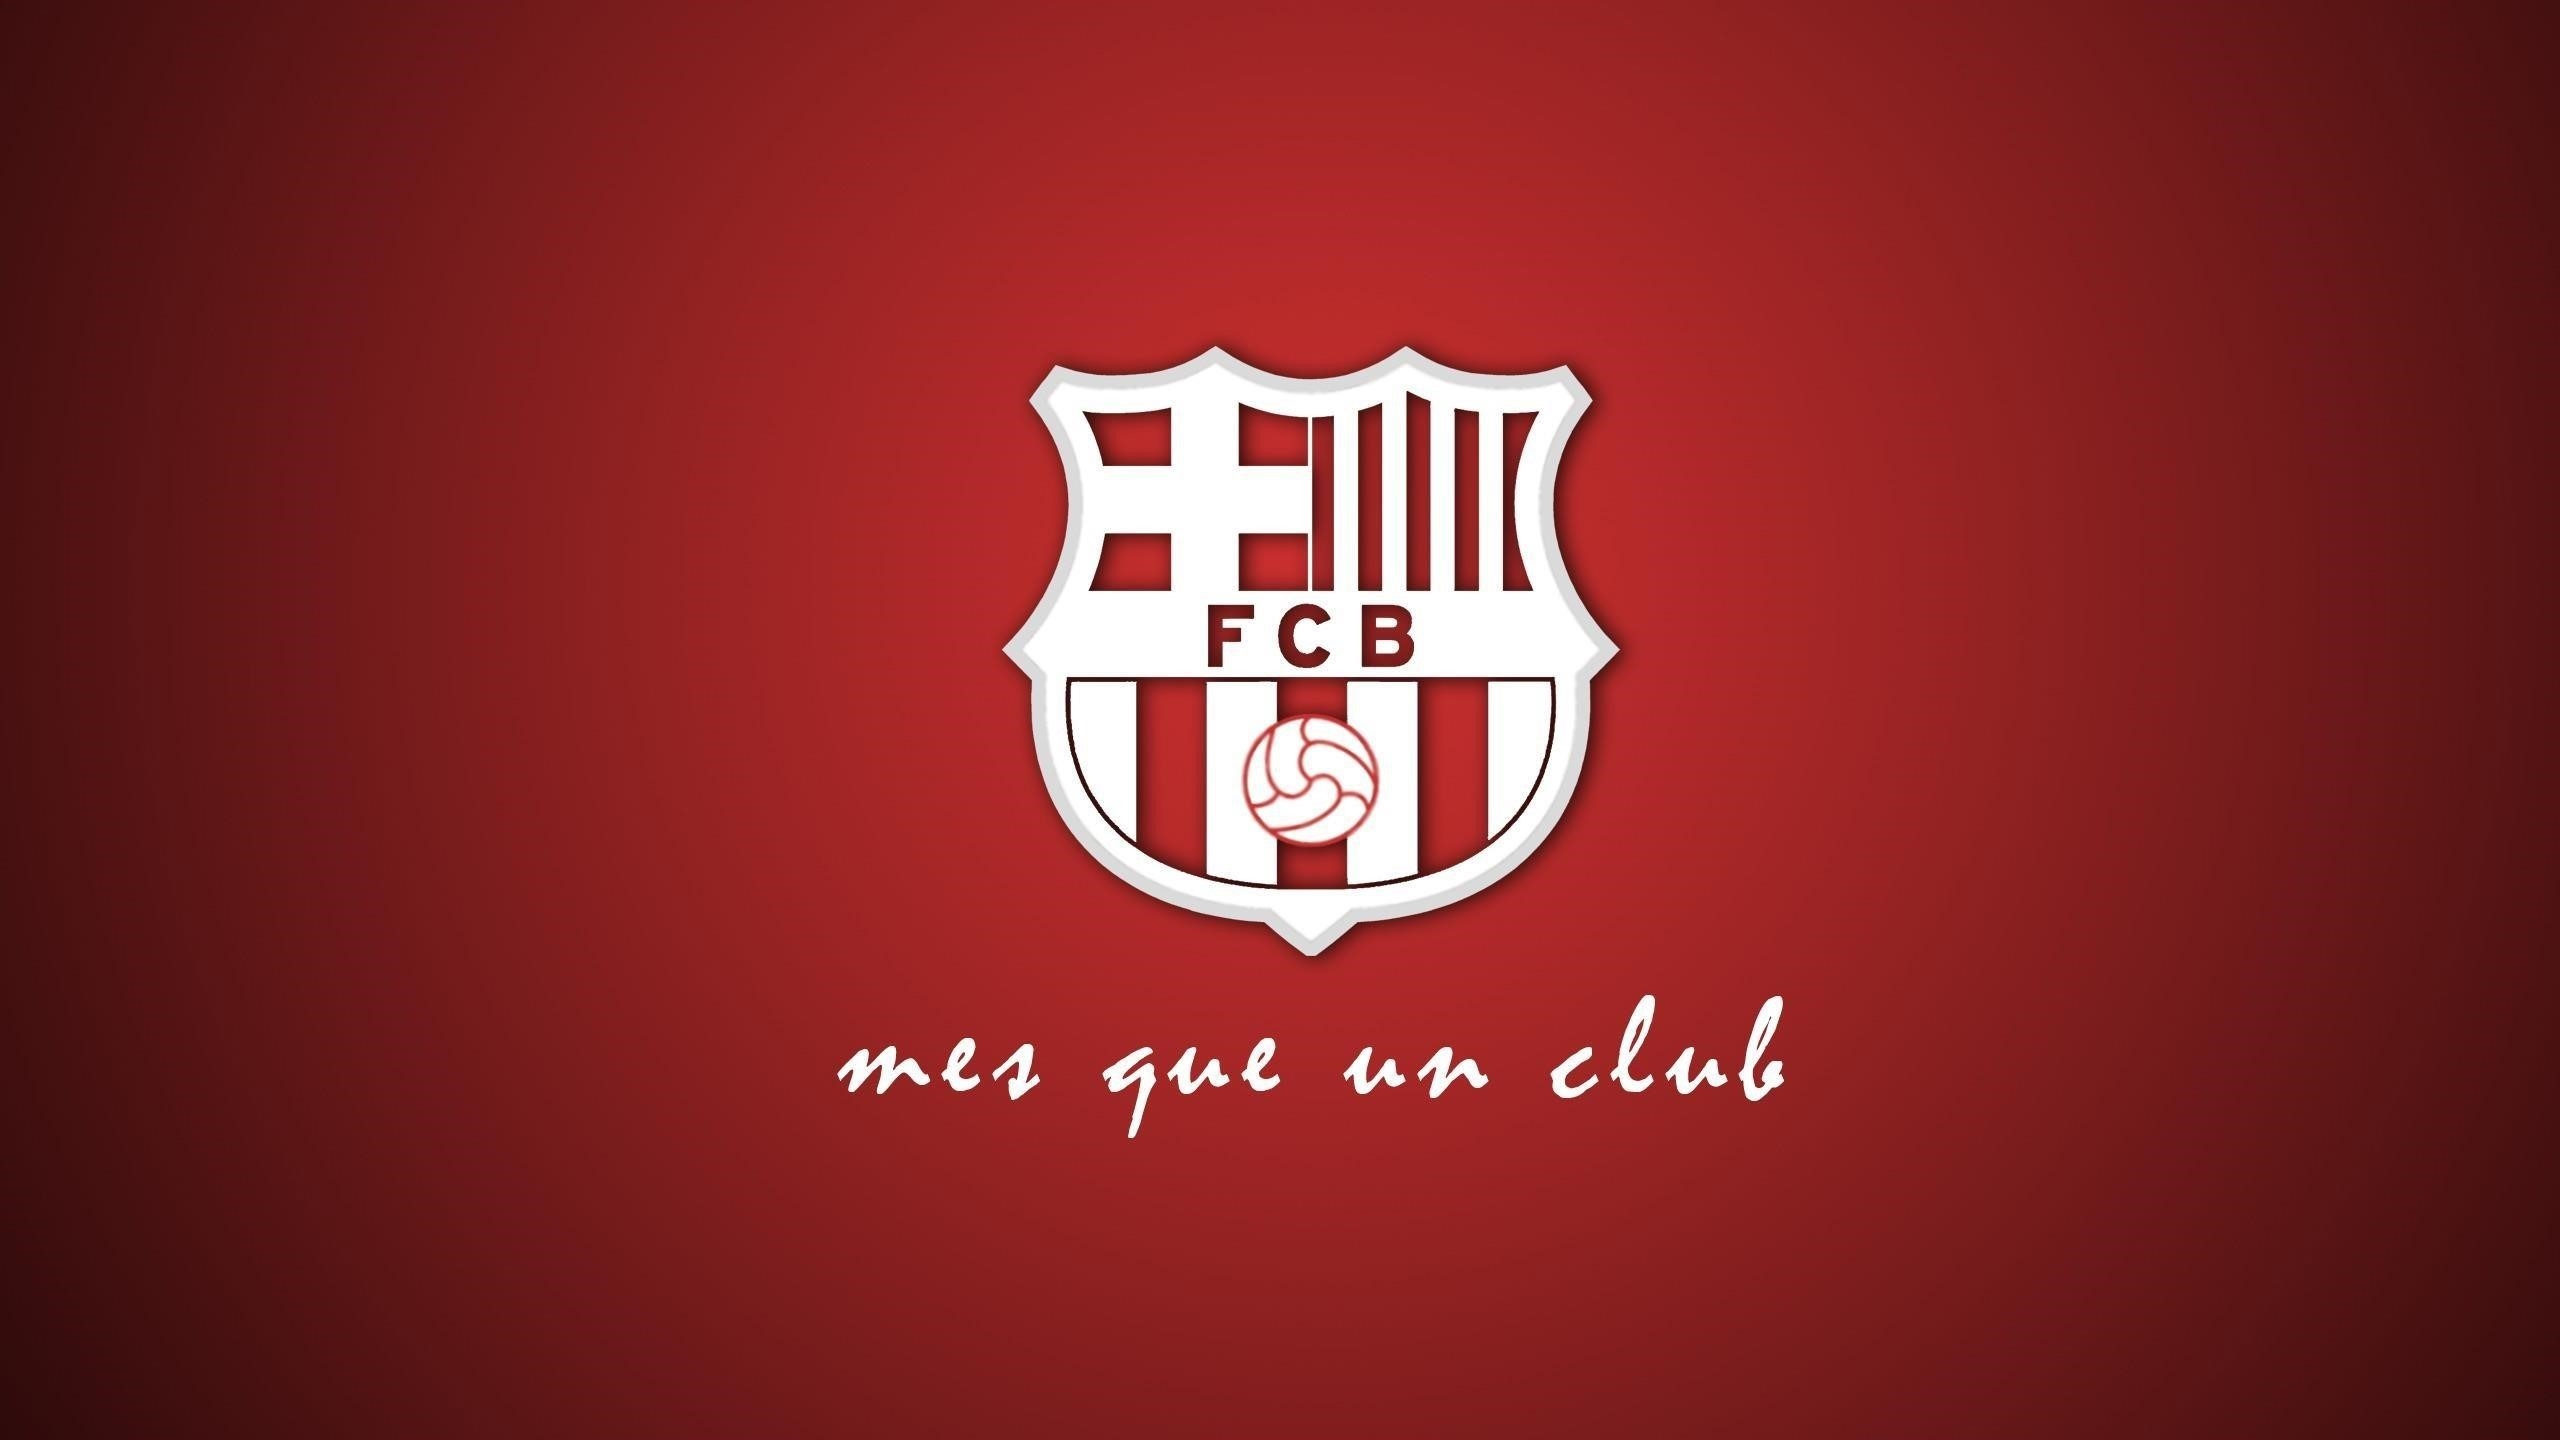 ФК Барселона обои скачать